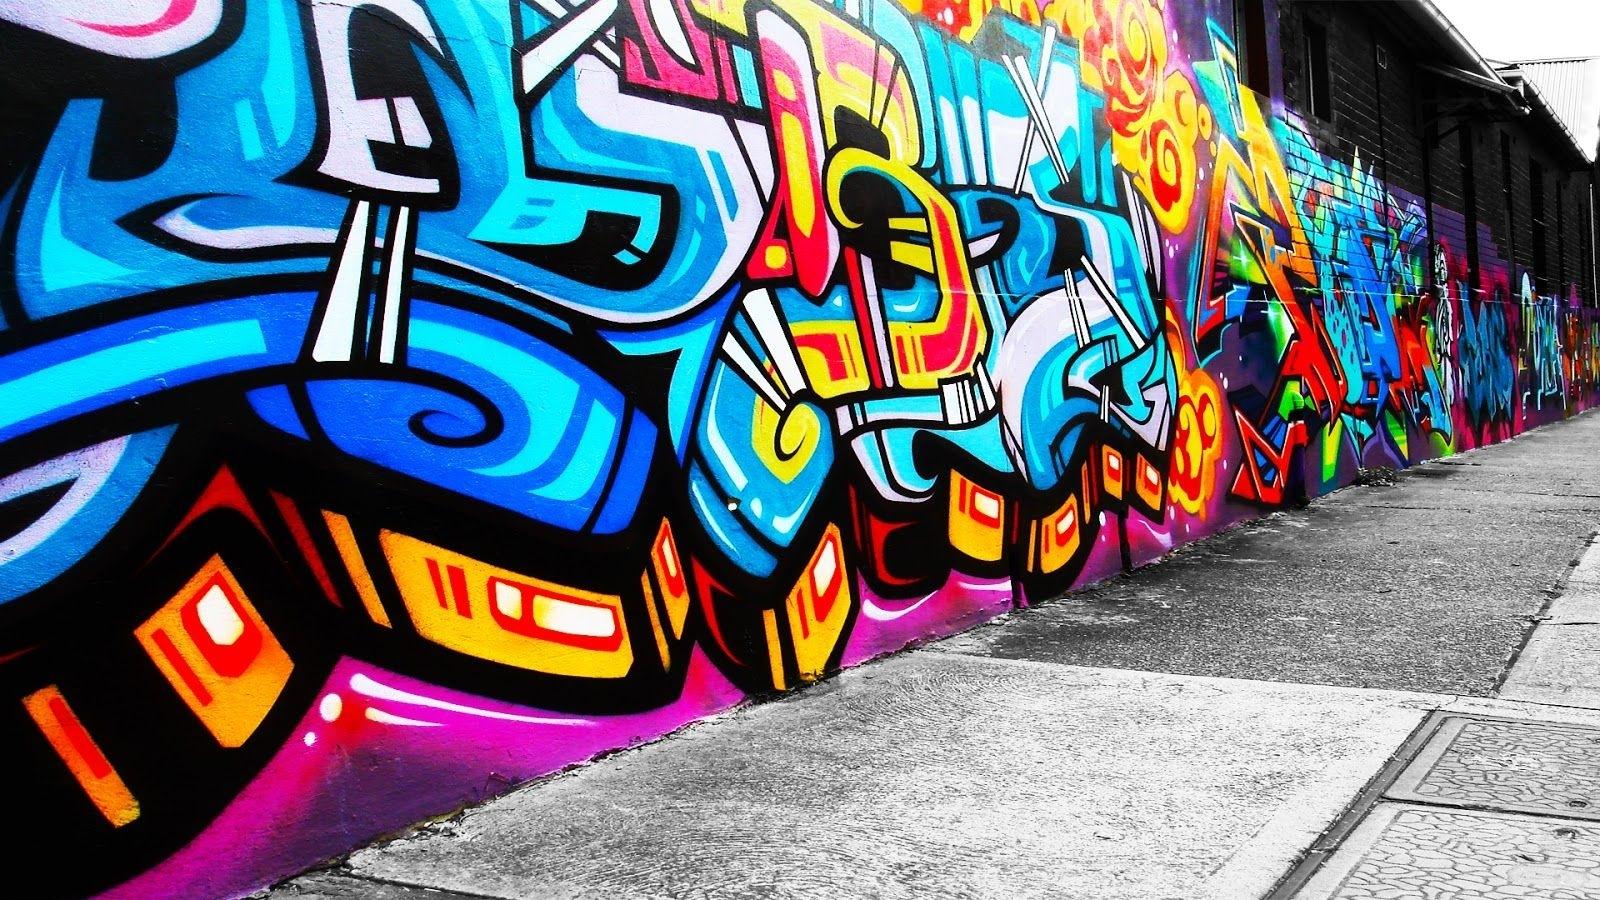 Graffiti Wall Art Background Wallpaper | Wall Art | Pinterest In Best And Newest Graffiti Wall Art (View 2 of 20)